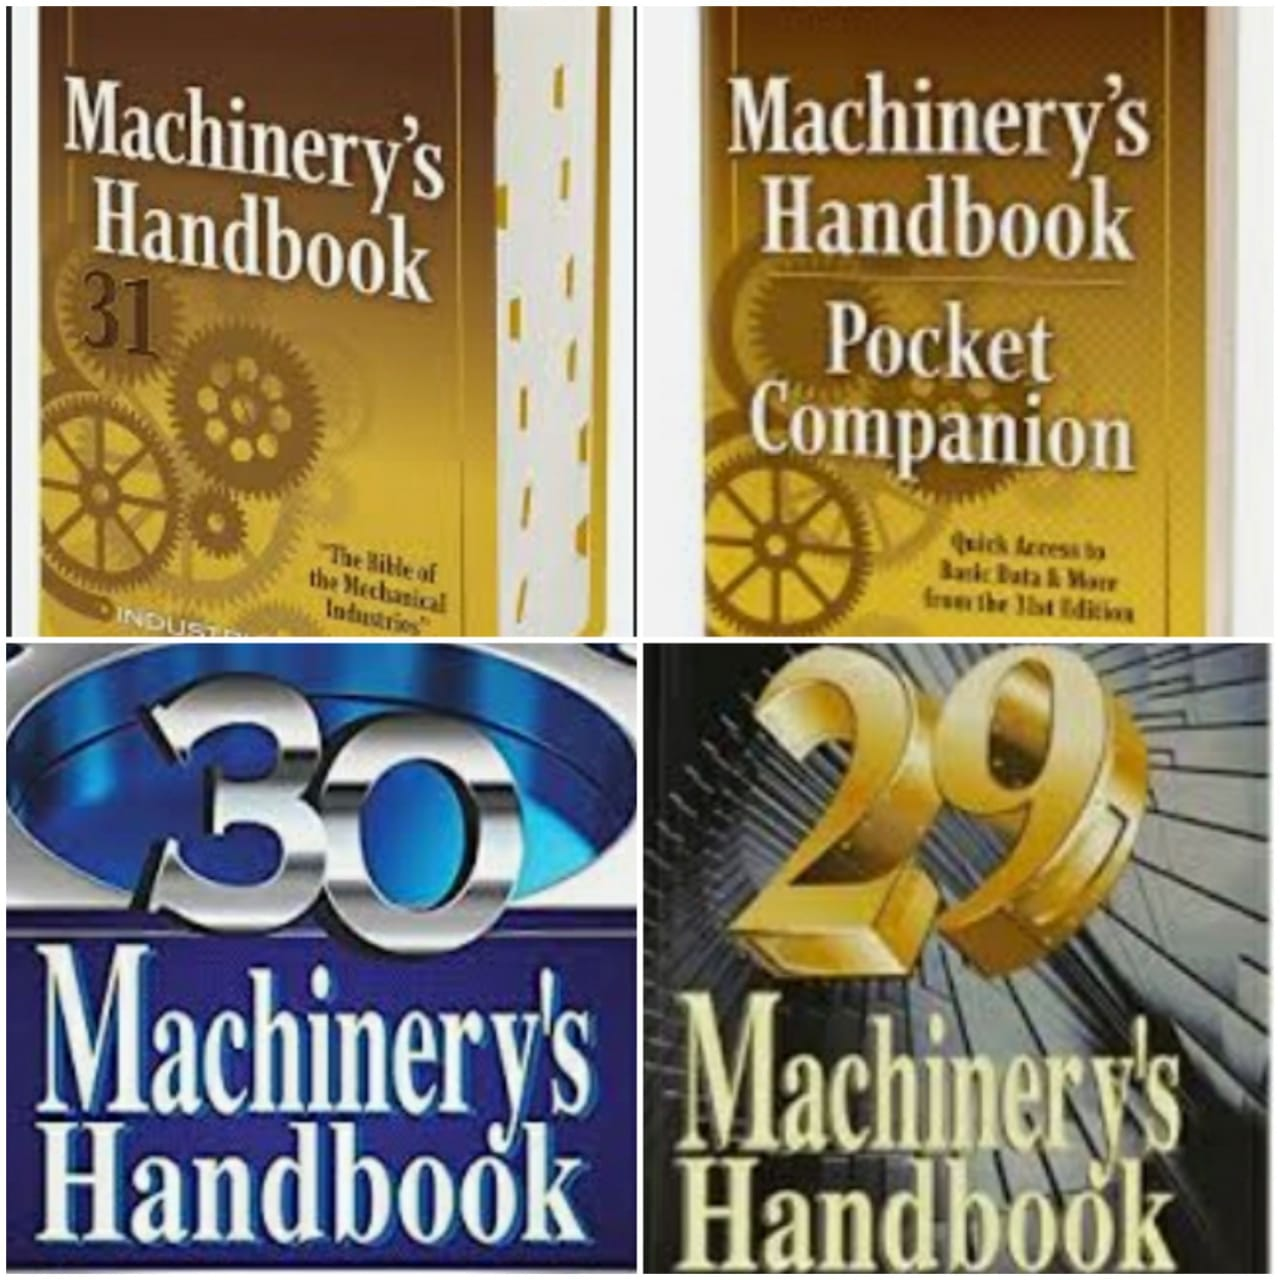 manuale-del-macchinario-31-°-30-°-29-°-edizione-e-compagno-tascabile-ebook-tutto-in-uno